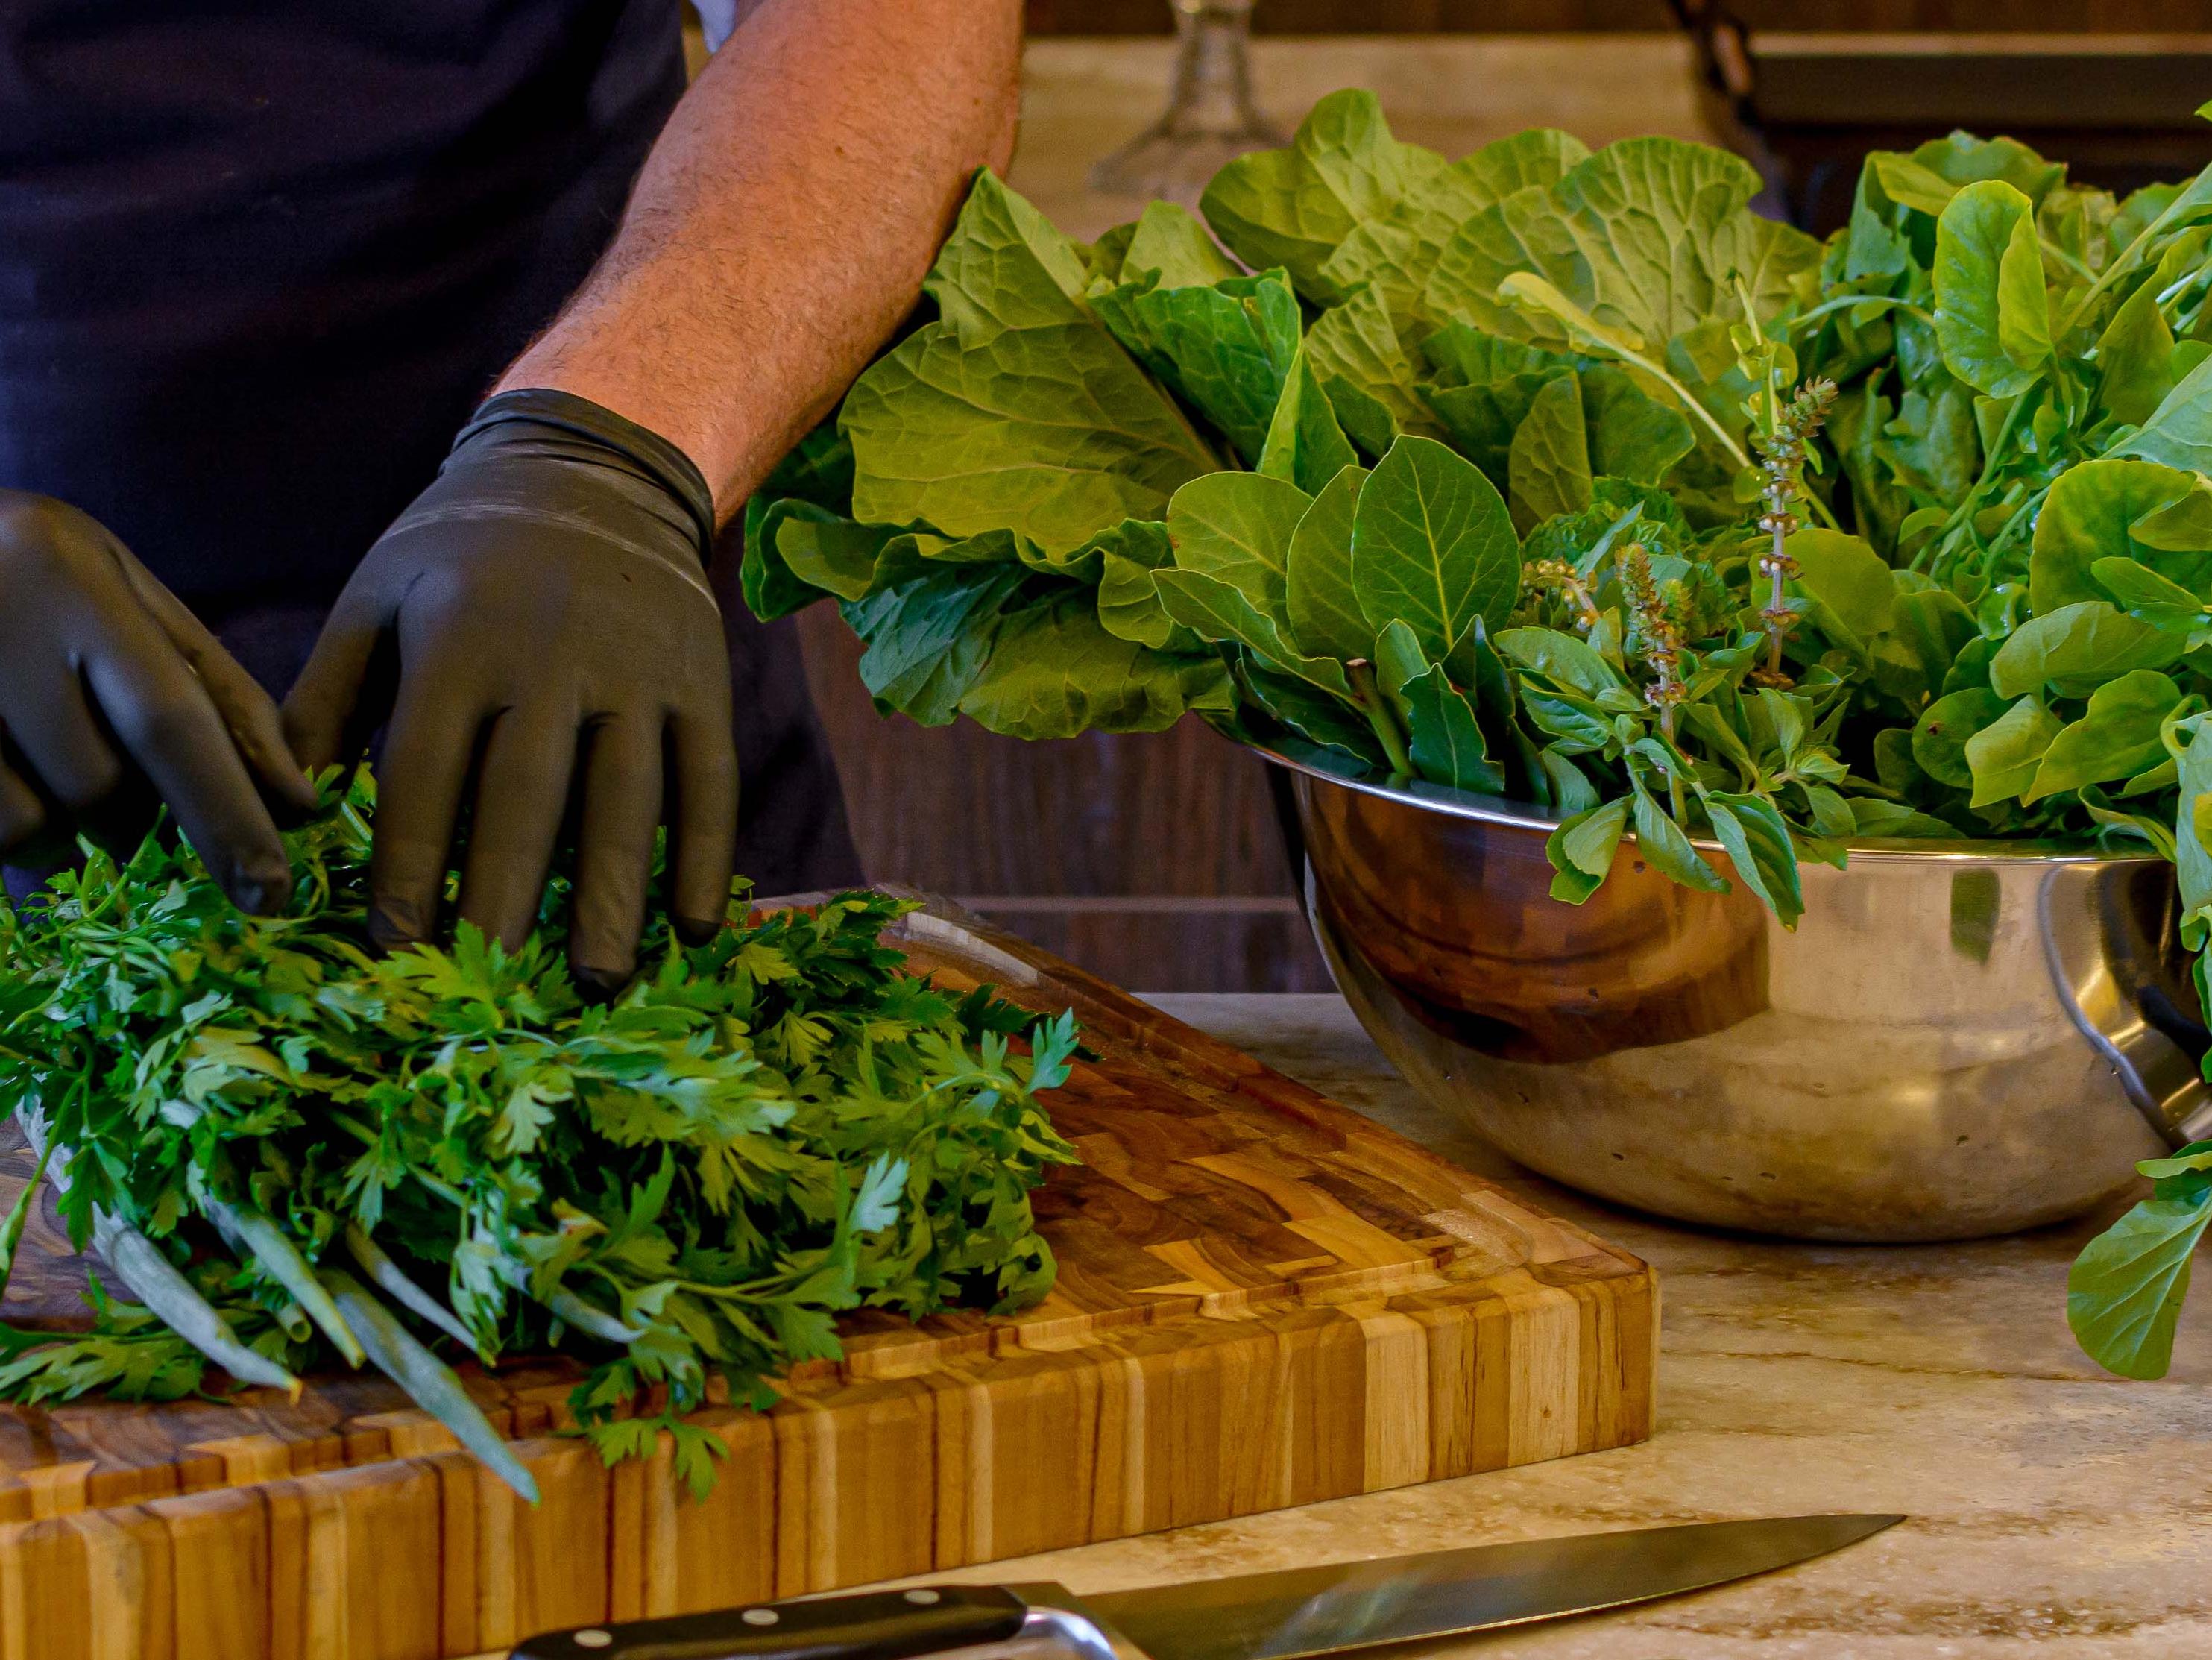 Como conservar folhas e ervas para durar semanas na geladeira?